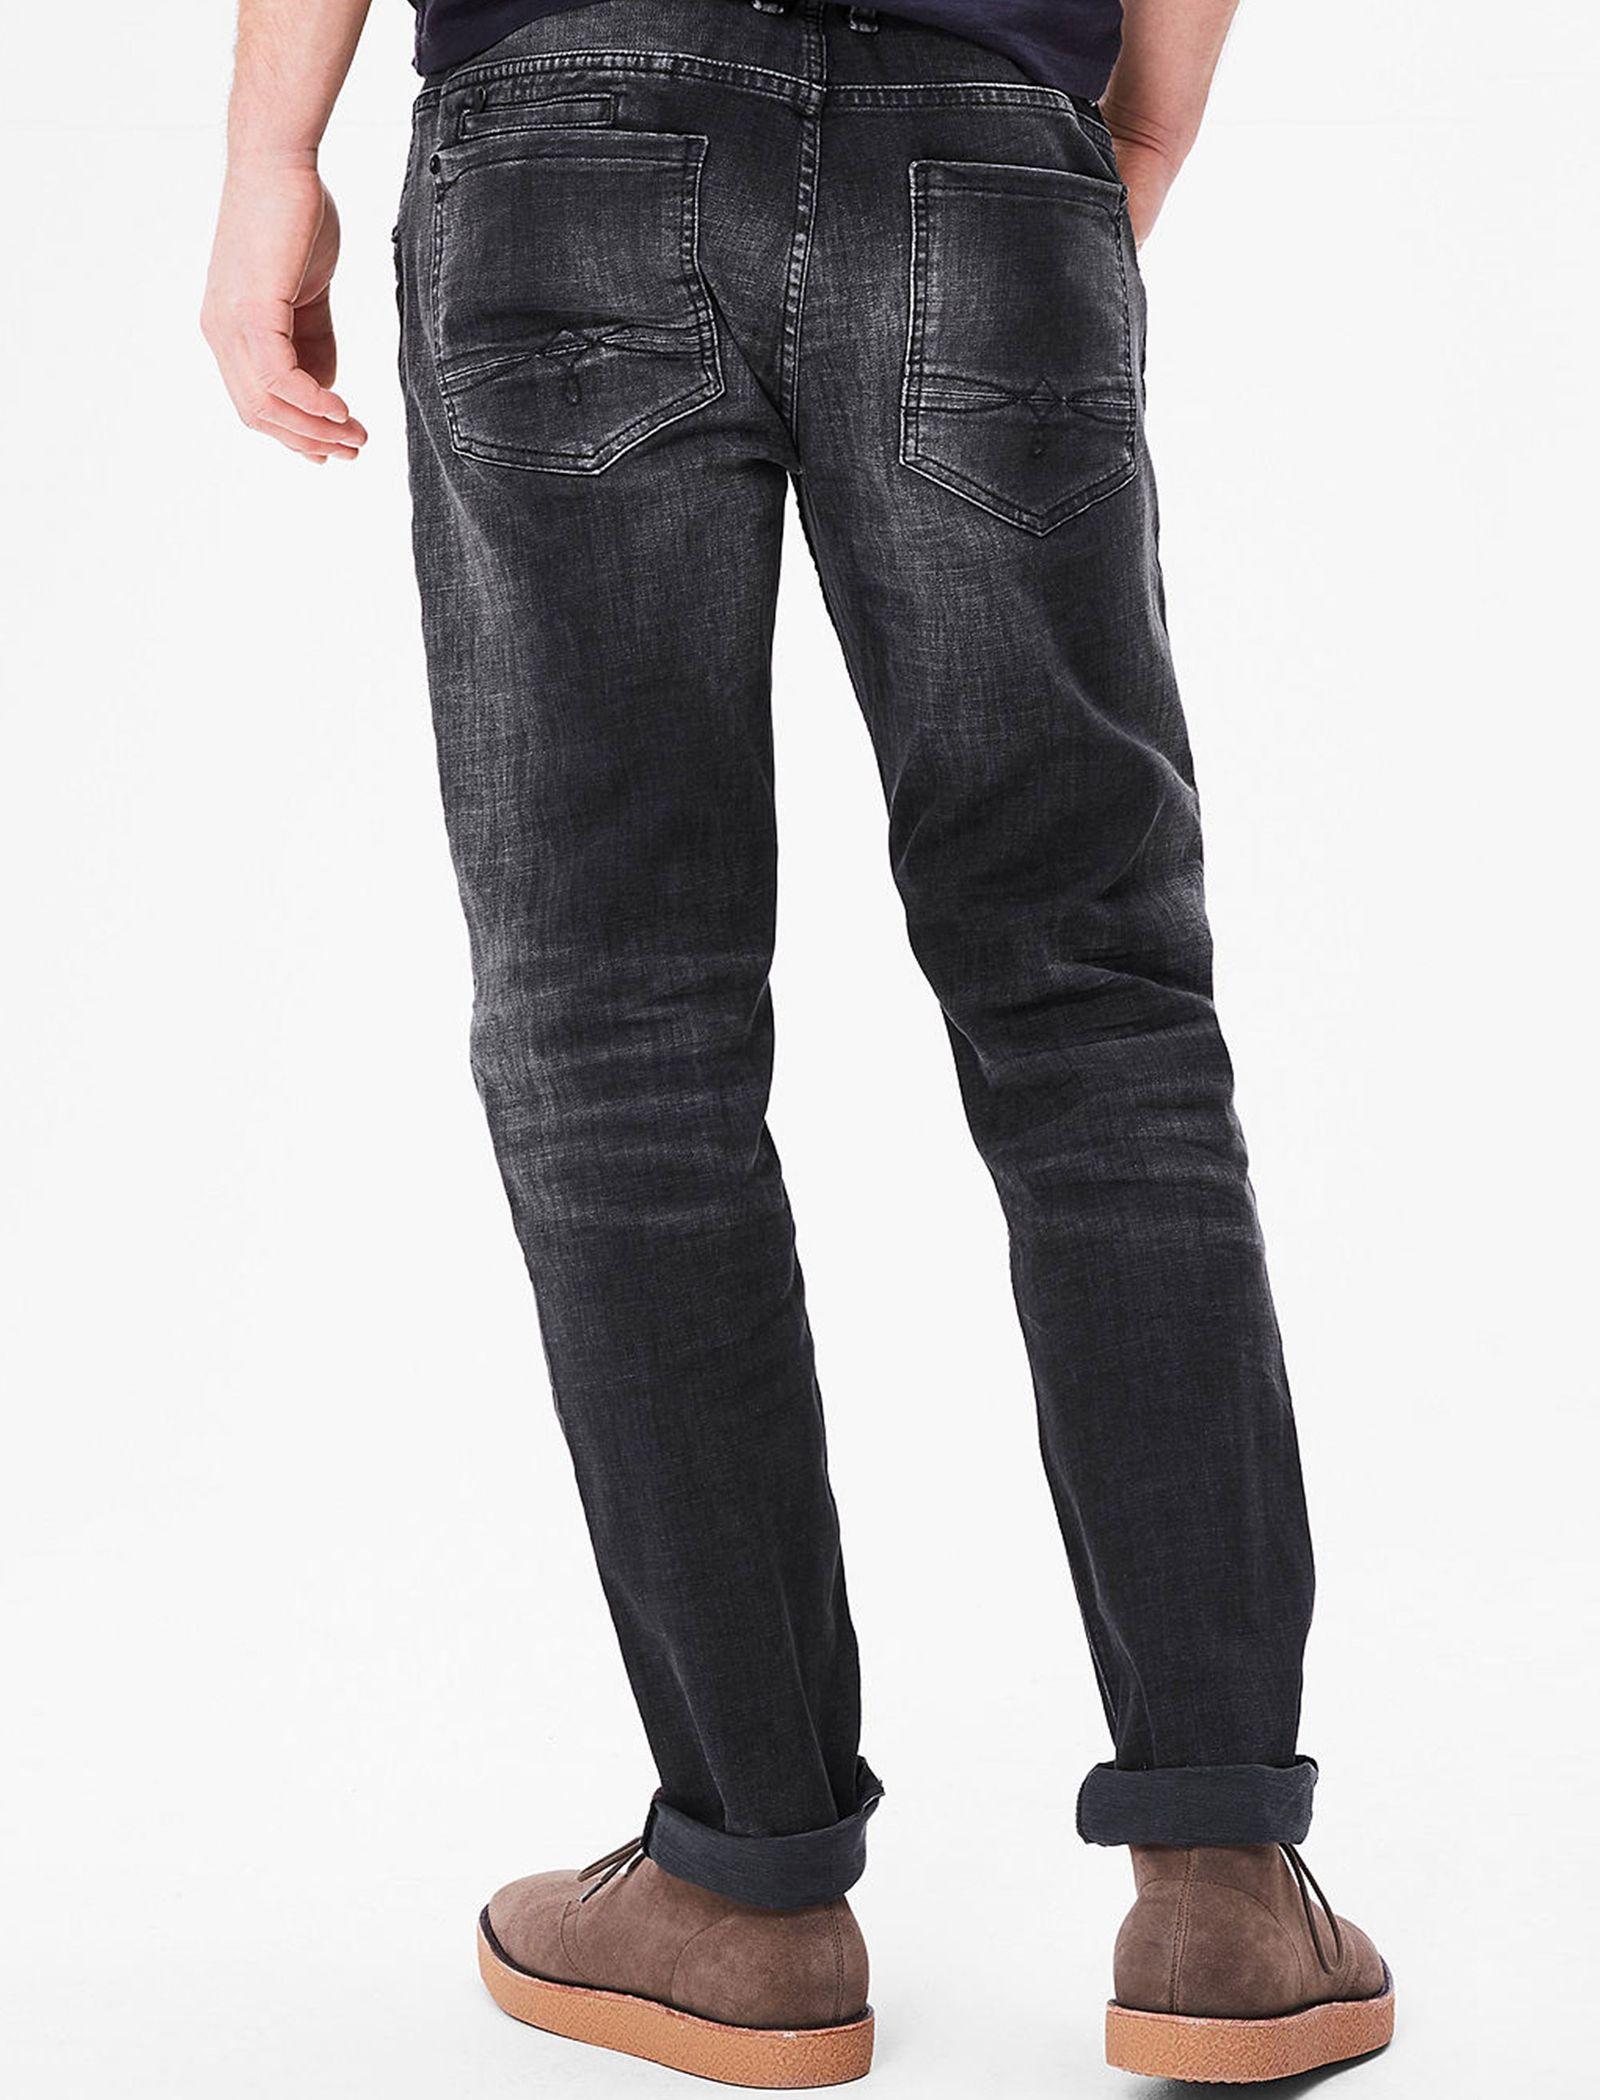 شلوار جین راسته مردانه - اس.اولیور - طوسي تيره - 6